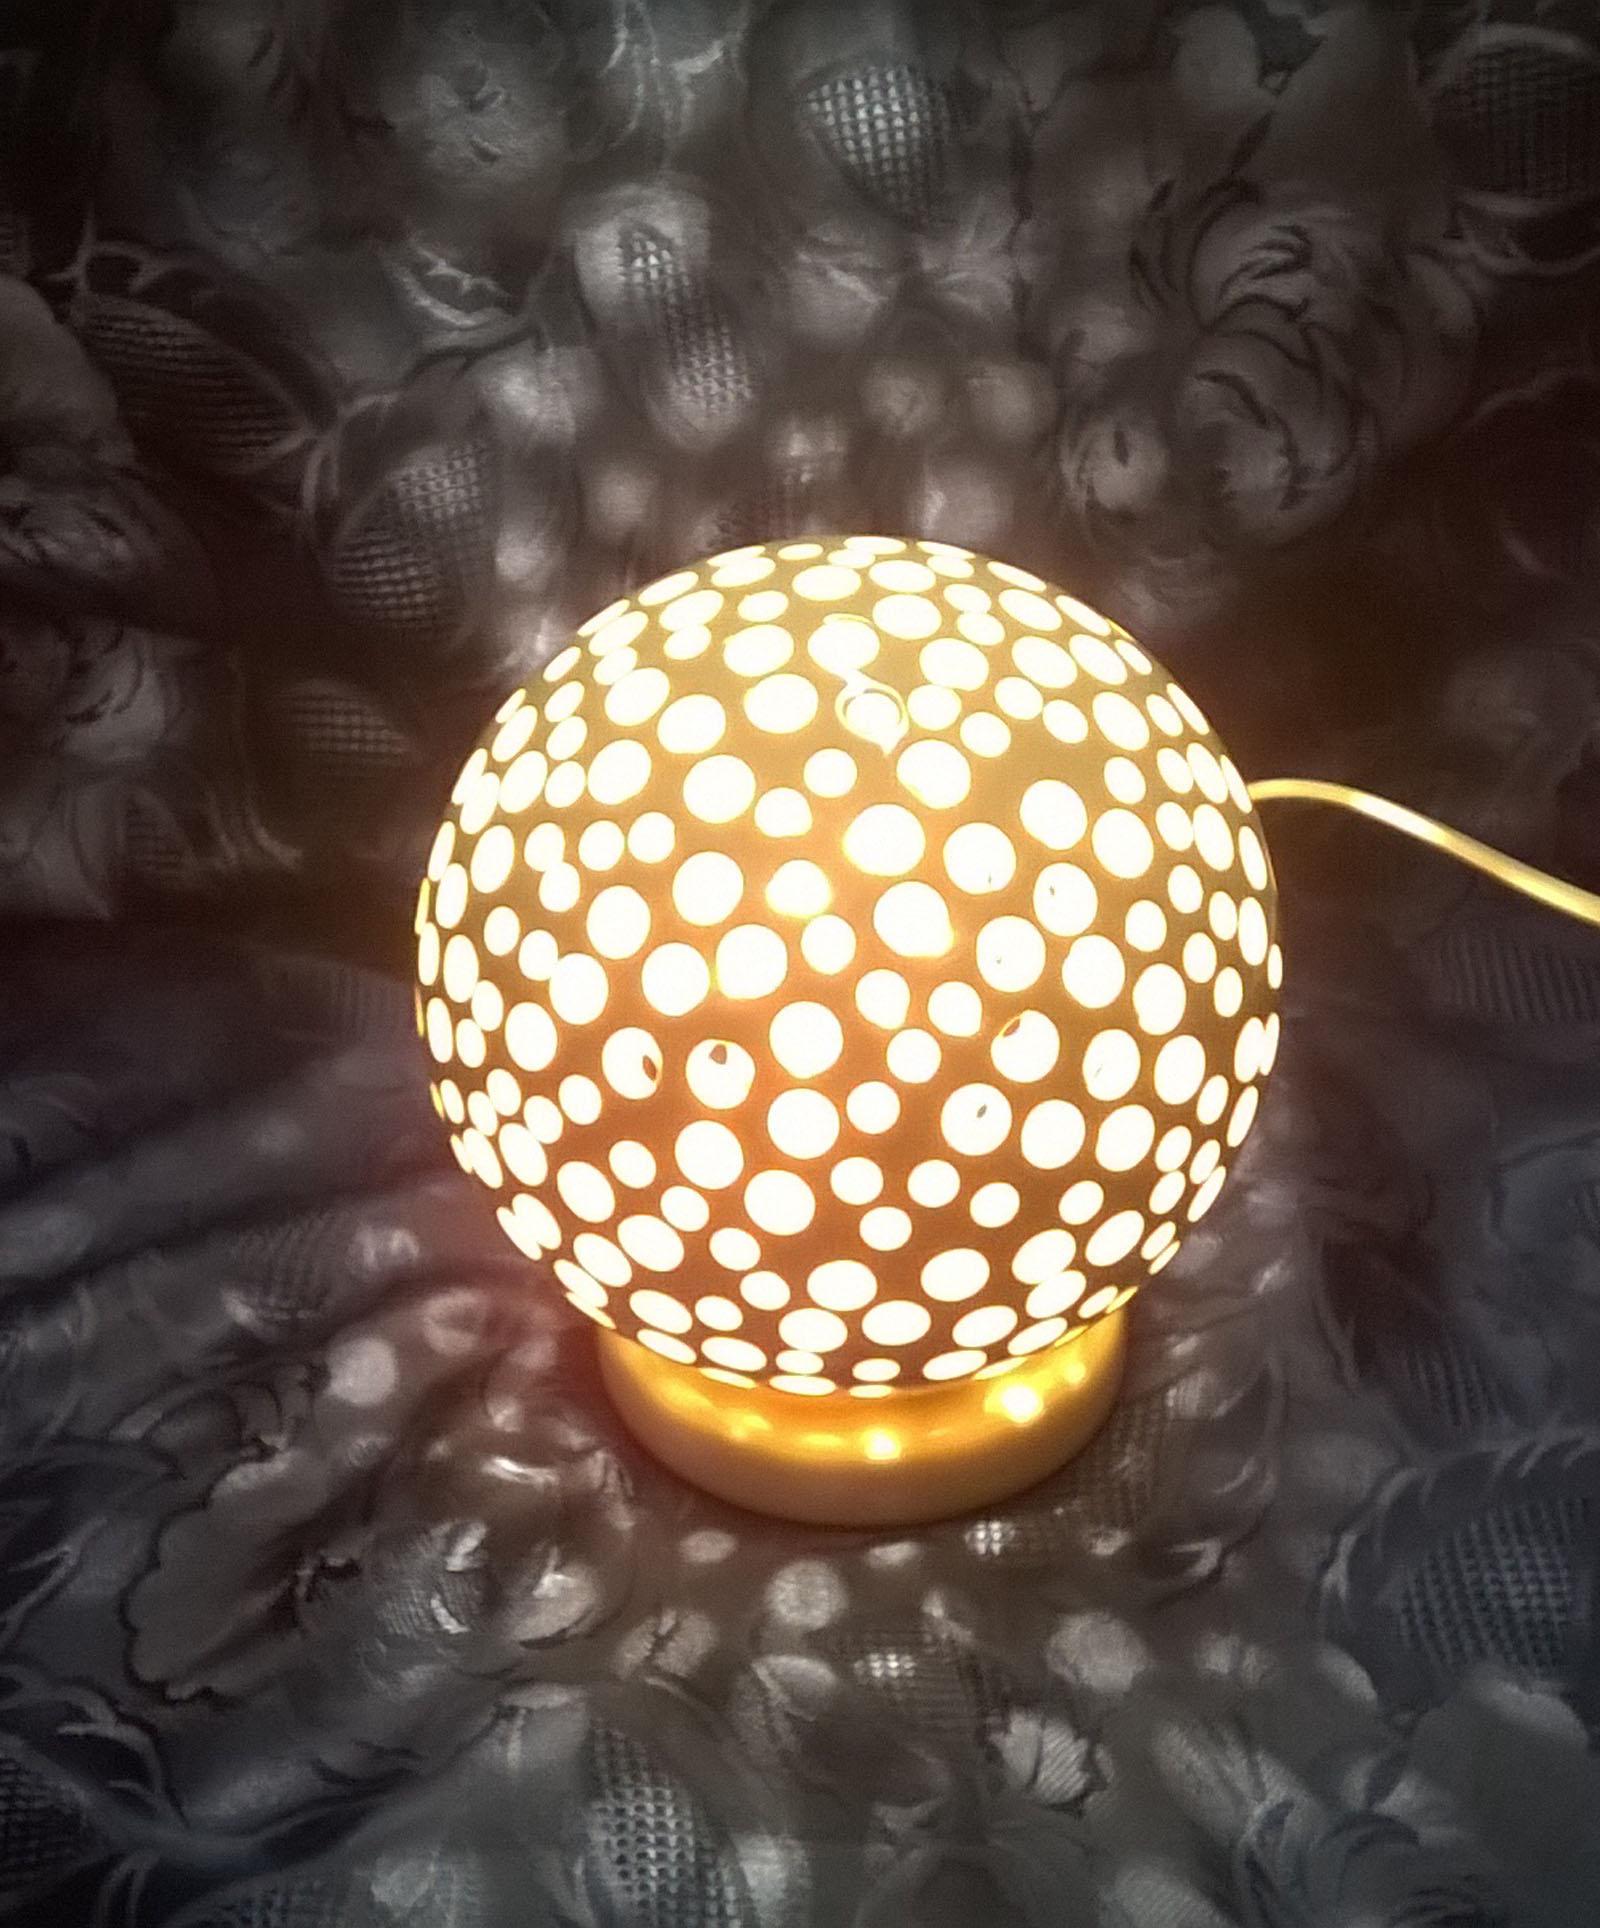 Lampada Da Tavolo Moderna Bianca In Ceramica Artigianale Con Traforo Cerchi Ceramiche Artistiche Ferranti